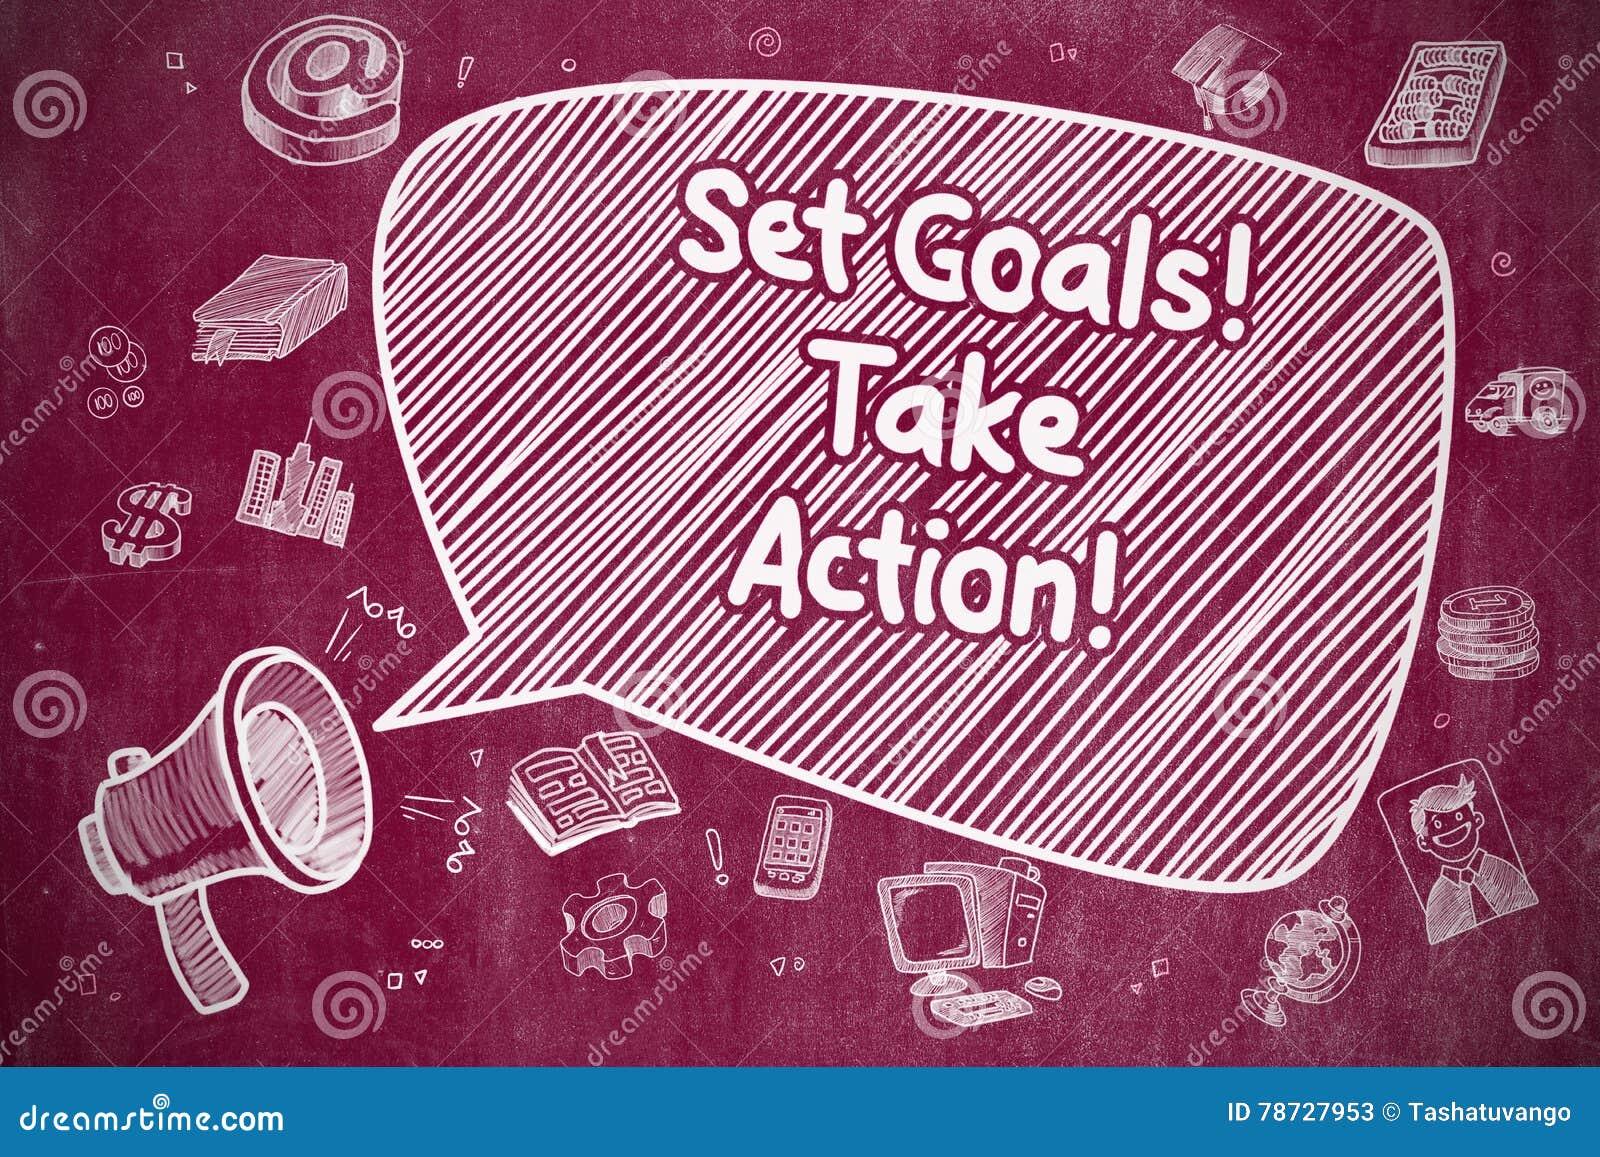 Ställ in mål tar handling - affärsidé